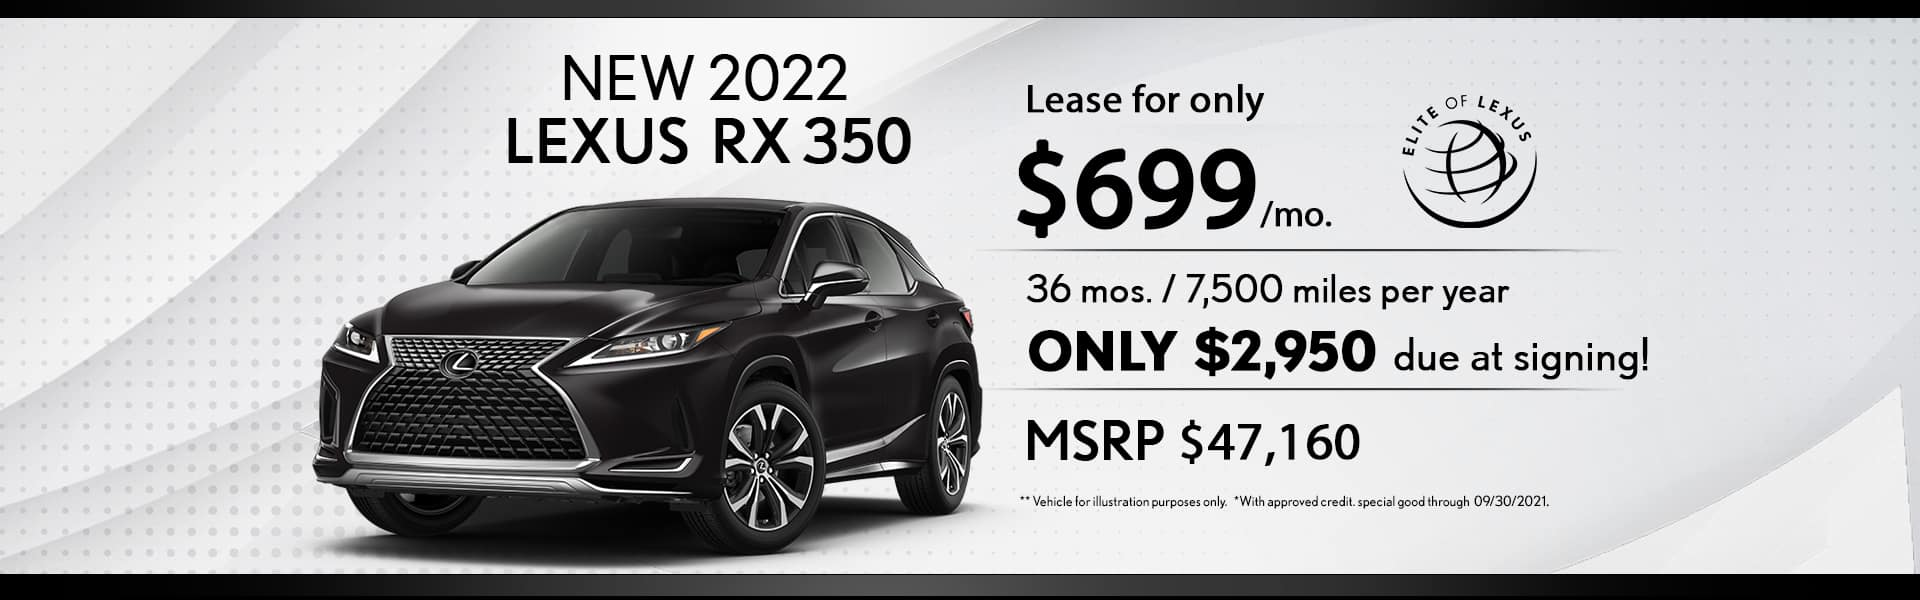 Lexus Lease special rx 350